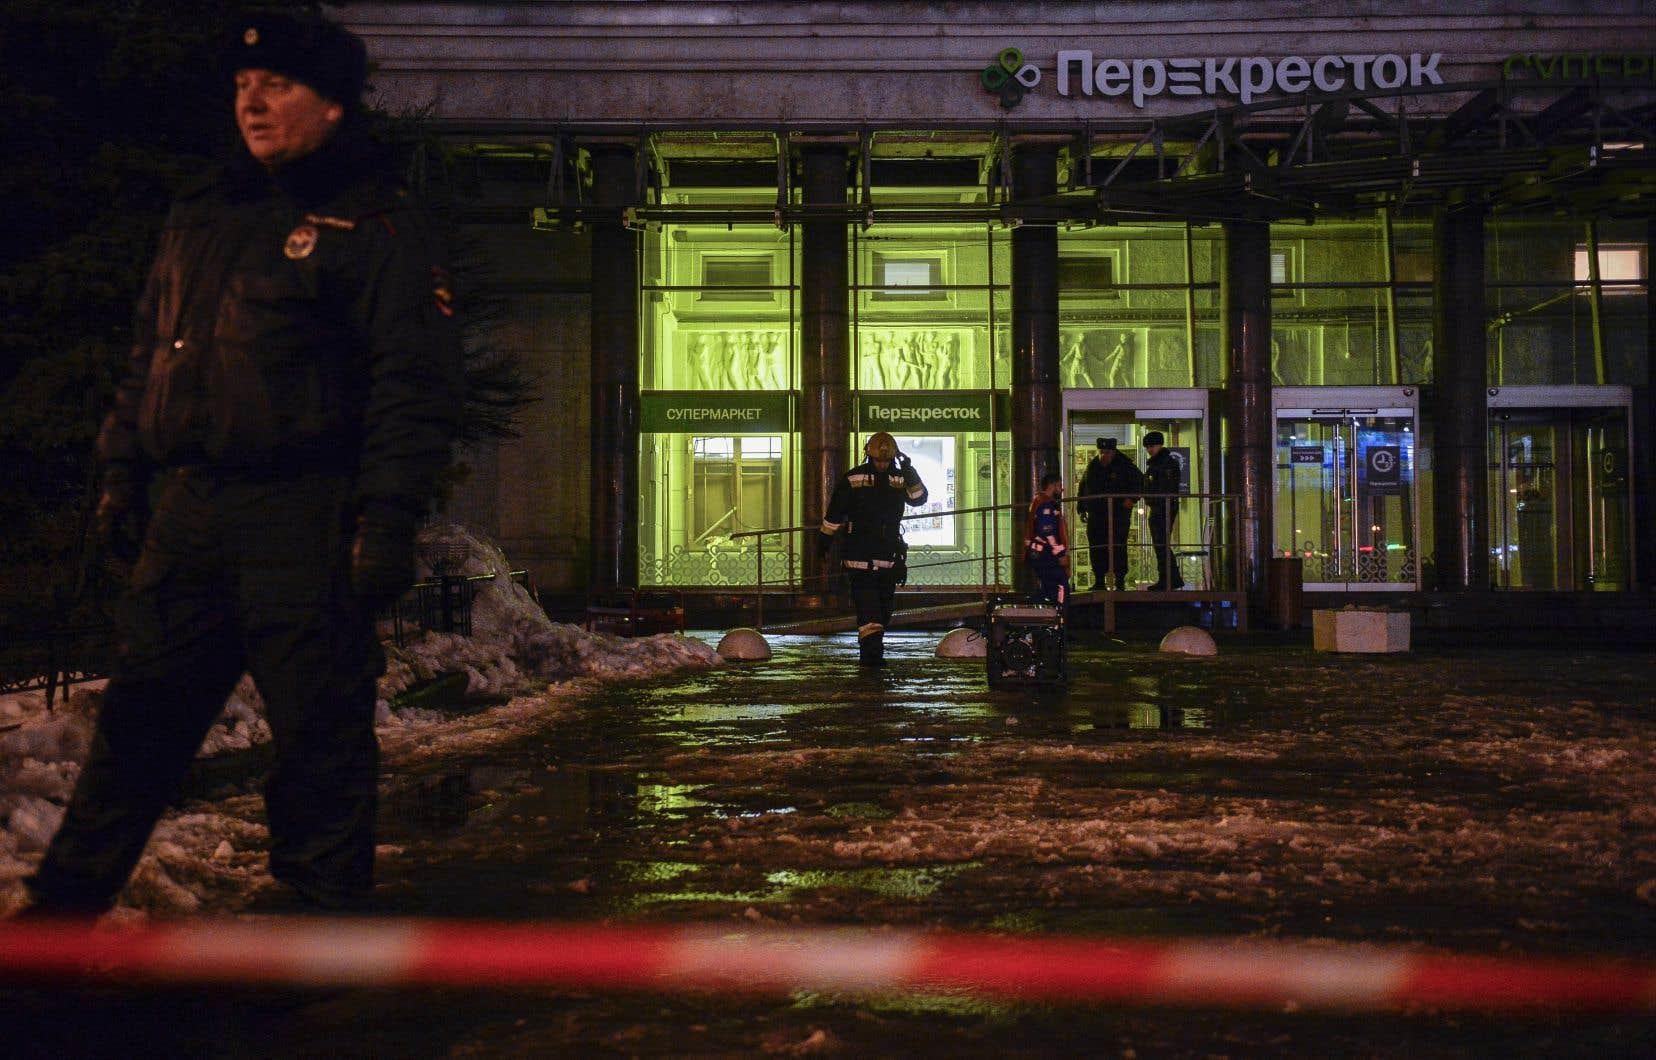 Dix-huit personnes ont été blessées dans l'explosion mercredi soir d'une bombe artisanale placée dans un casier de la consigne d'un supermarché de Saint-Pétersbourg.